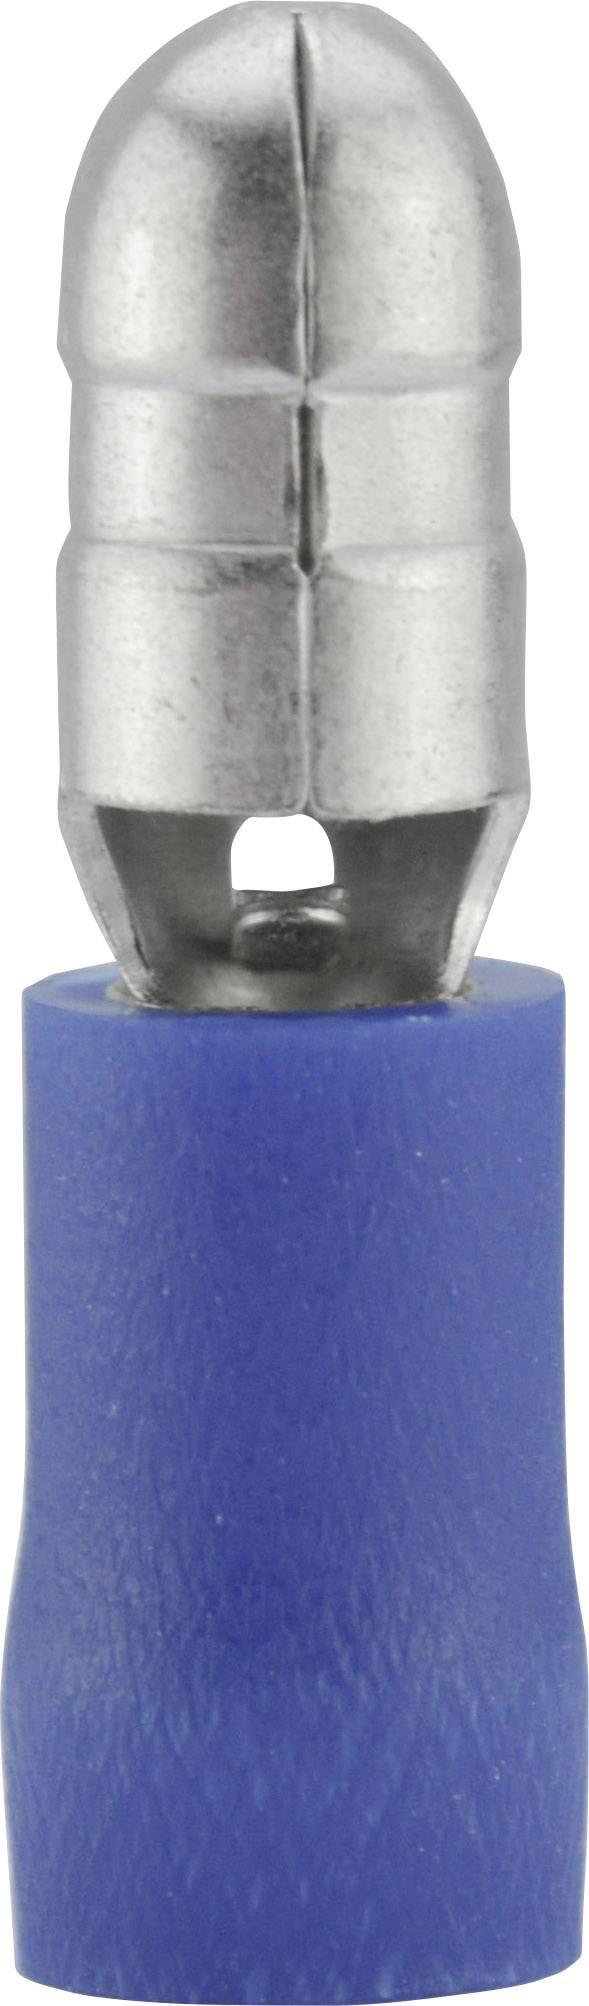 Kulatá zástrčka Vogt 3921, 1,5 / 2,5 mm², Ø: 5 mm, modrá